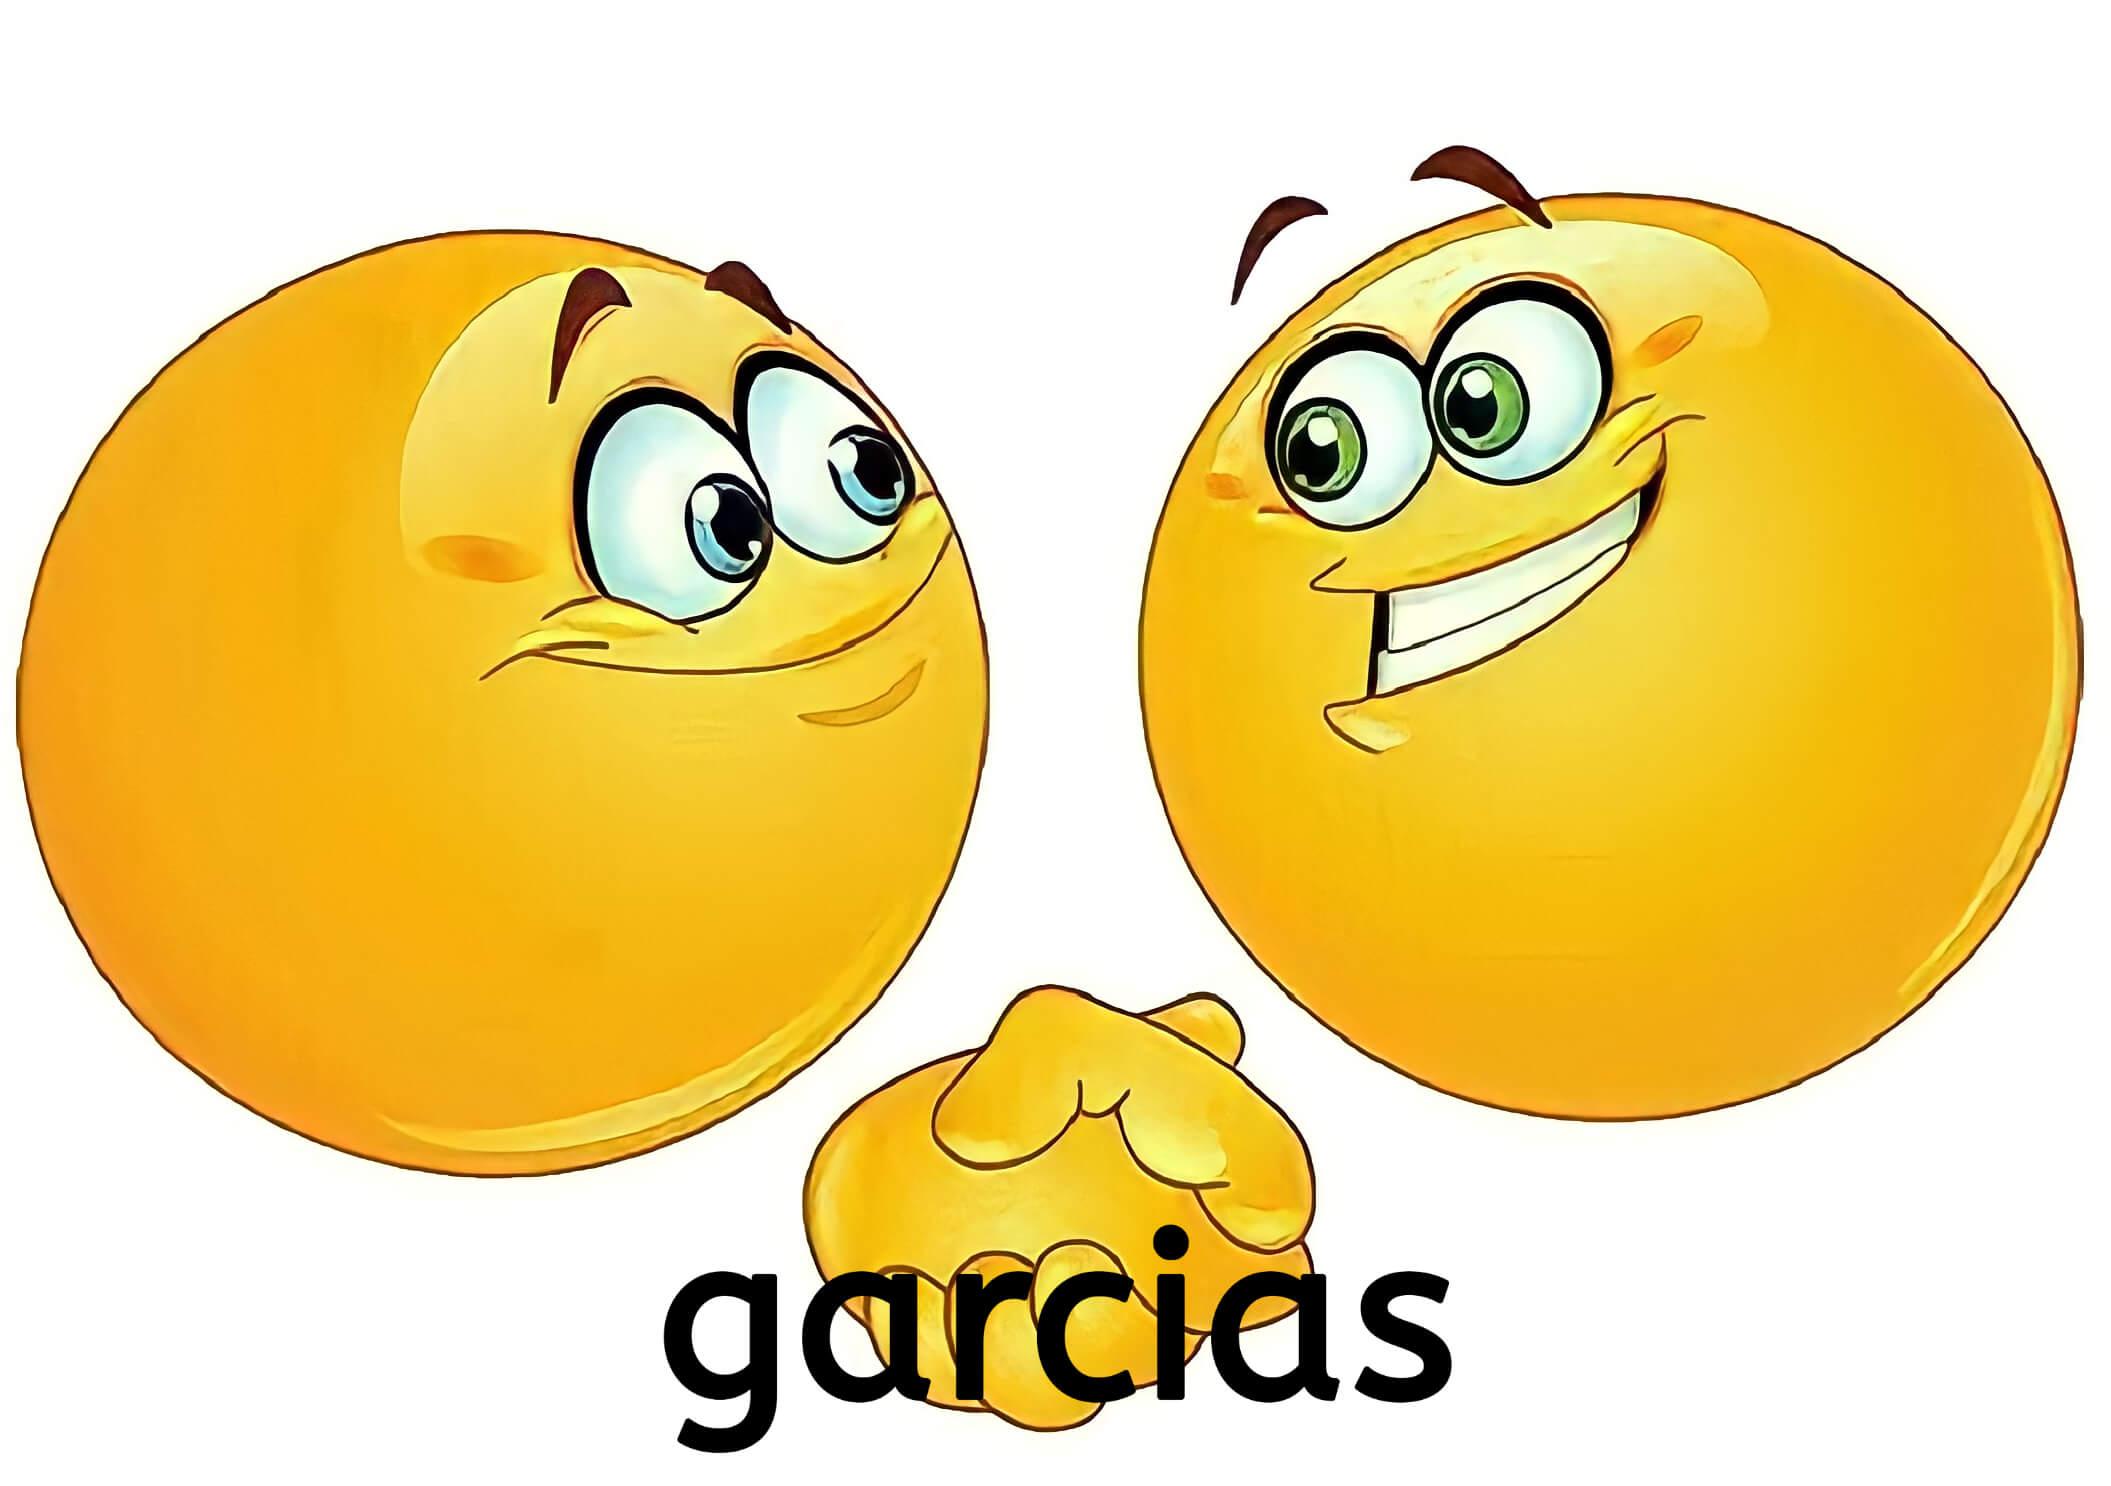 Ir a la pagina de la plantilla Garcias.